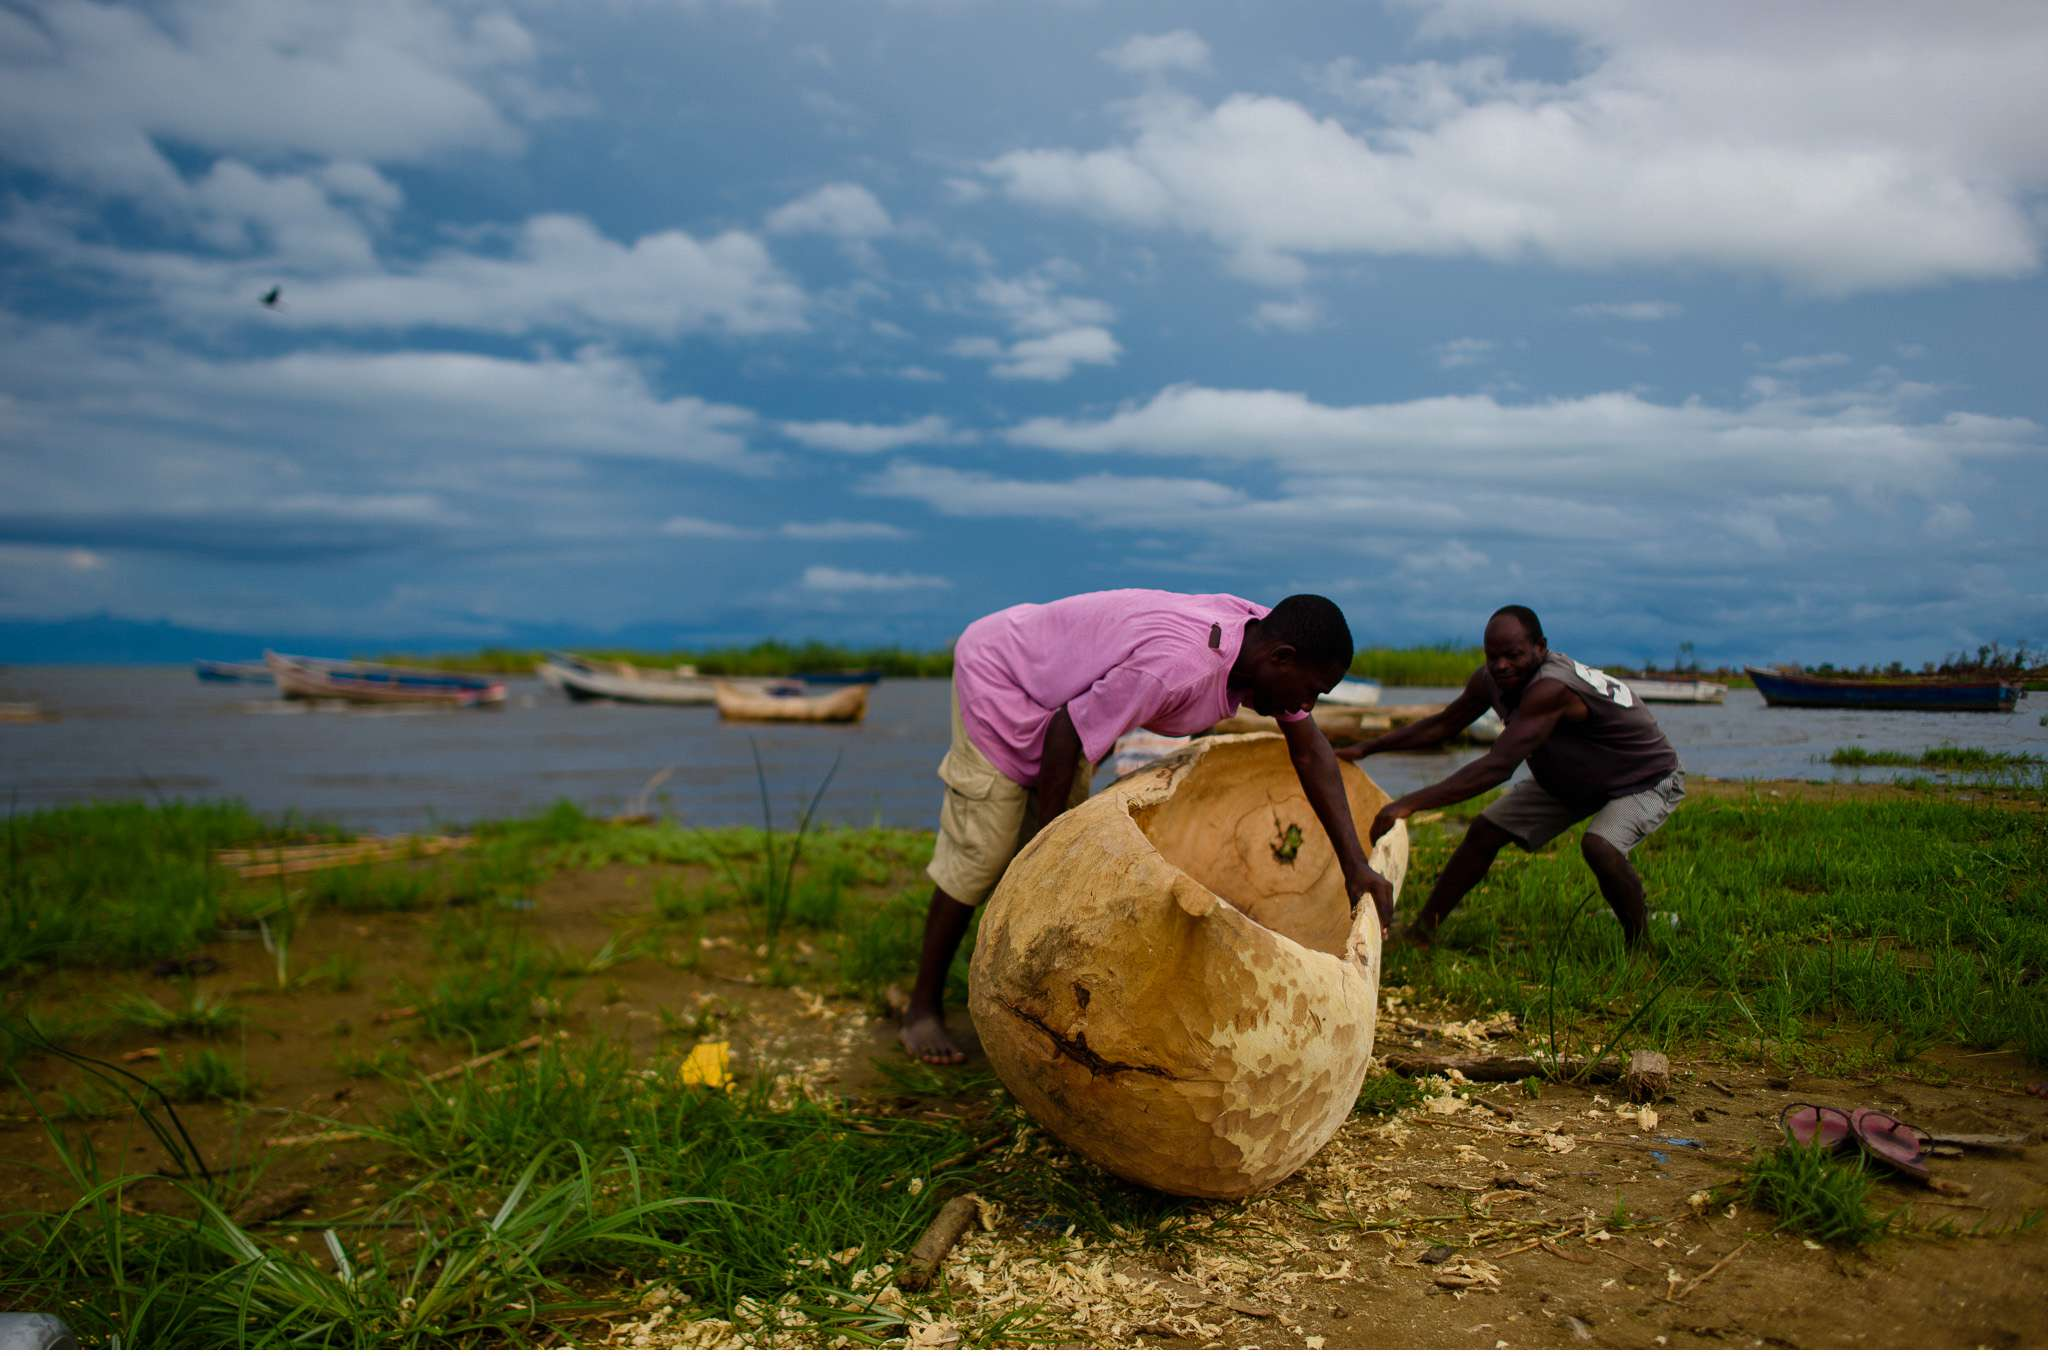 Malawi-Quer durch Afrika- Geschichten von unterwegs by Marion and Daniel-80